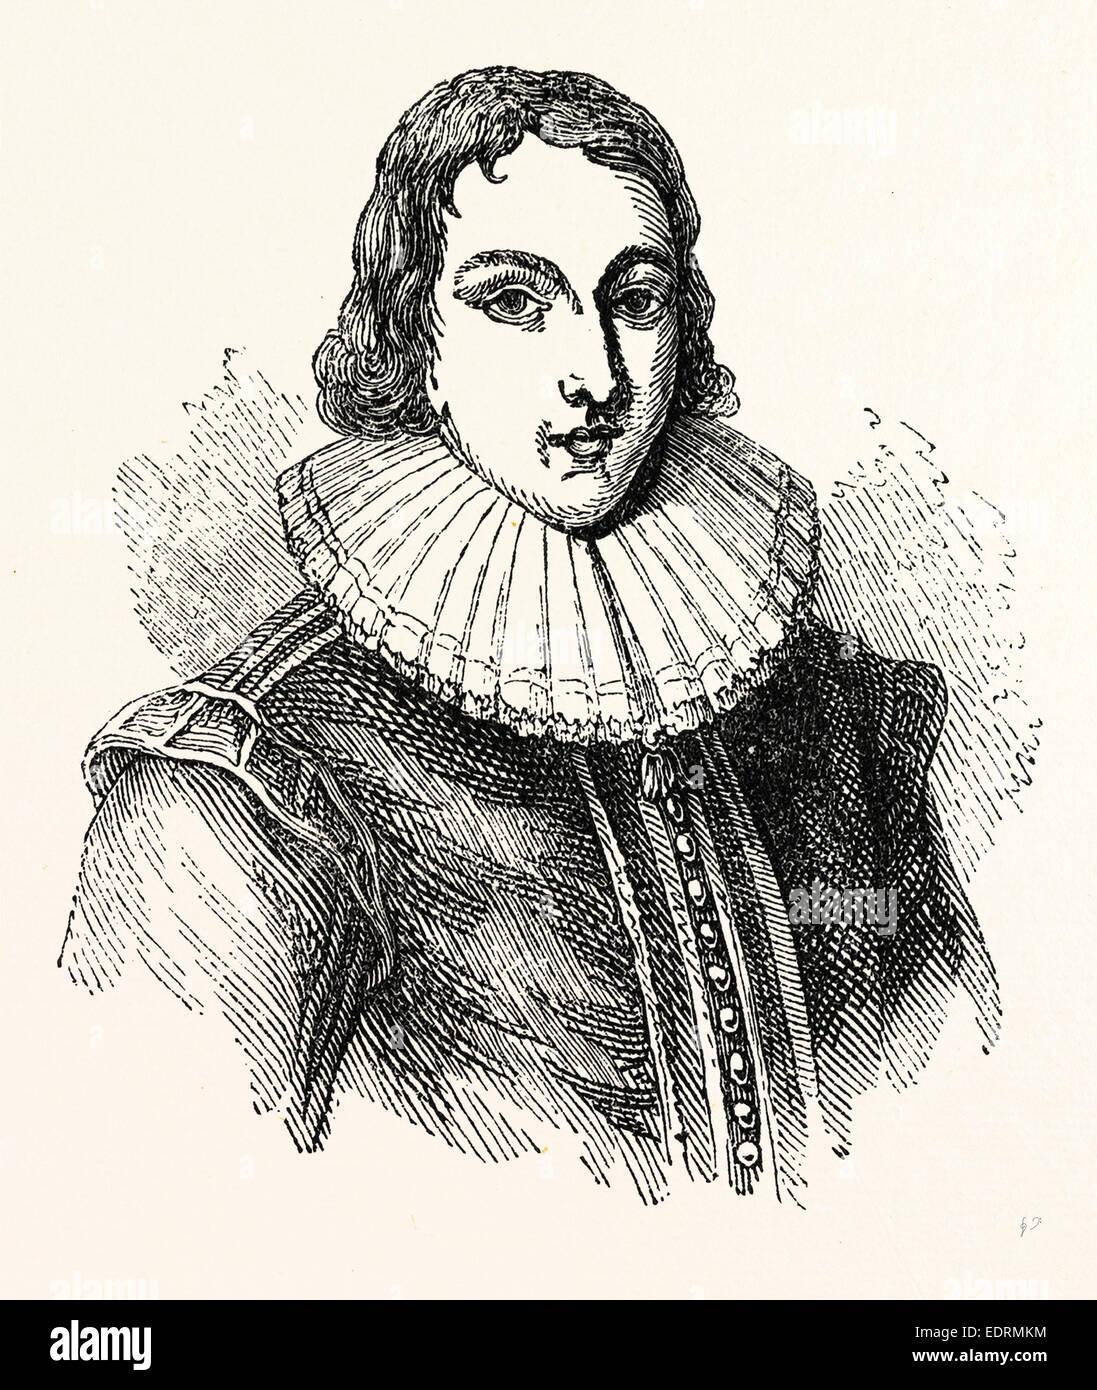 Milton età 19, Londra, Inghilterra, incisione del XIX secolo, Gran Bretagna, Regno Unito Immagini Stock